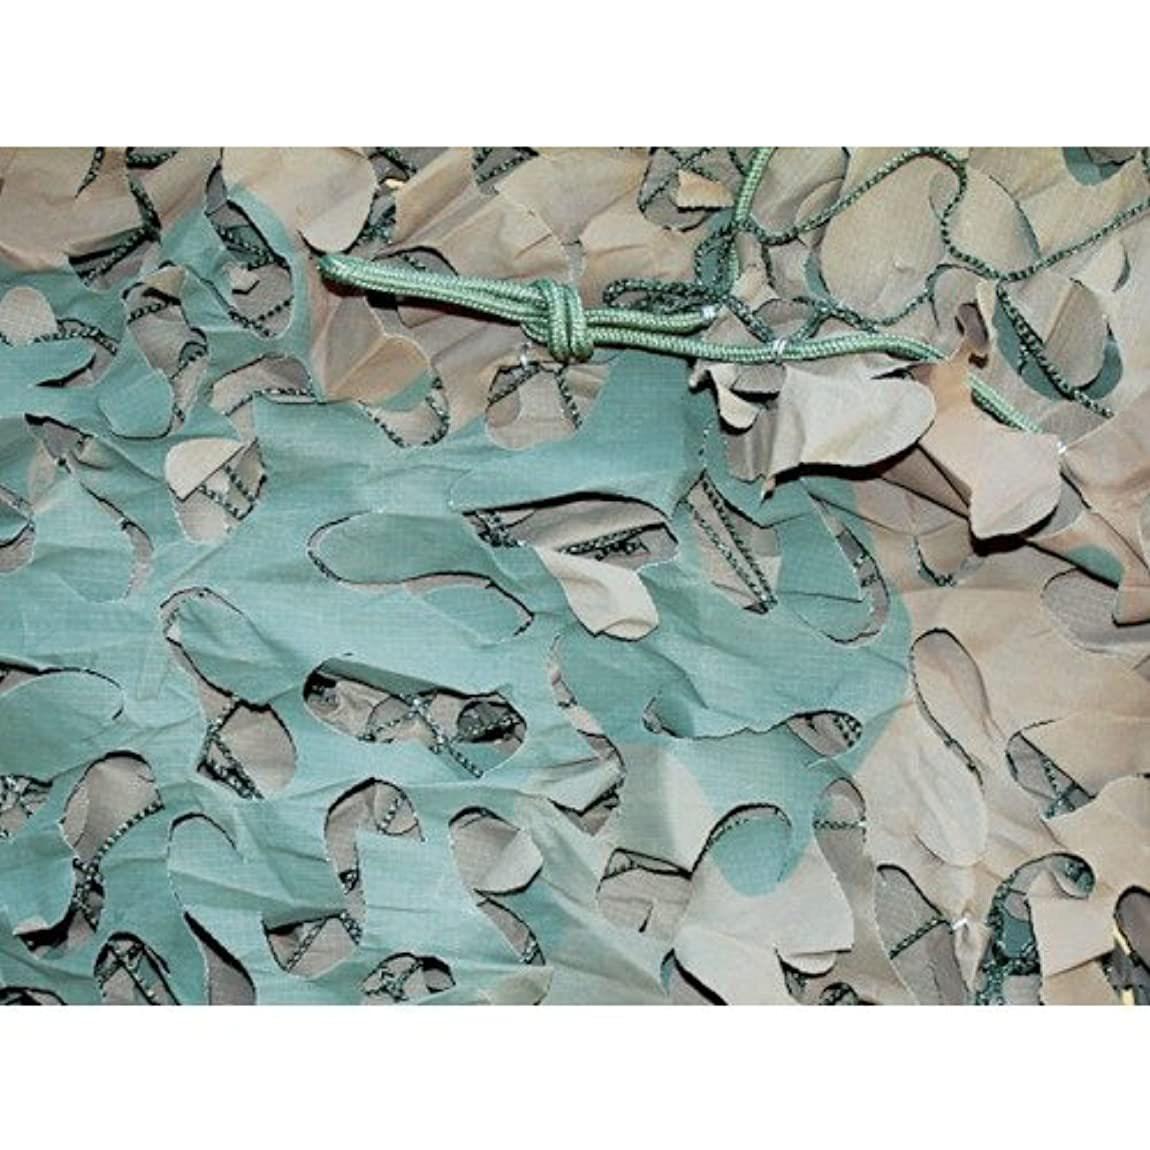 漁師悪党サイバースペーストラスコ中山 CAMO ベーシック ブロードリーフXミリタリー ウッドランド 1.5mX6m BLM06